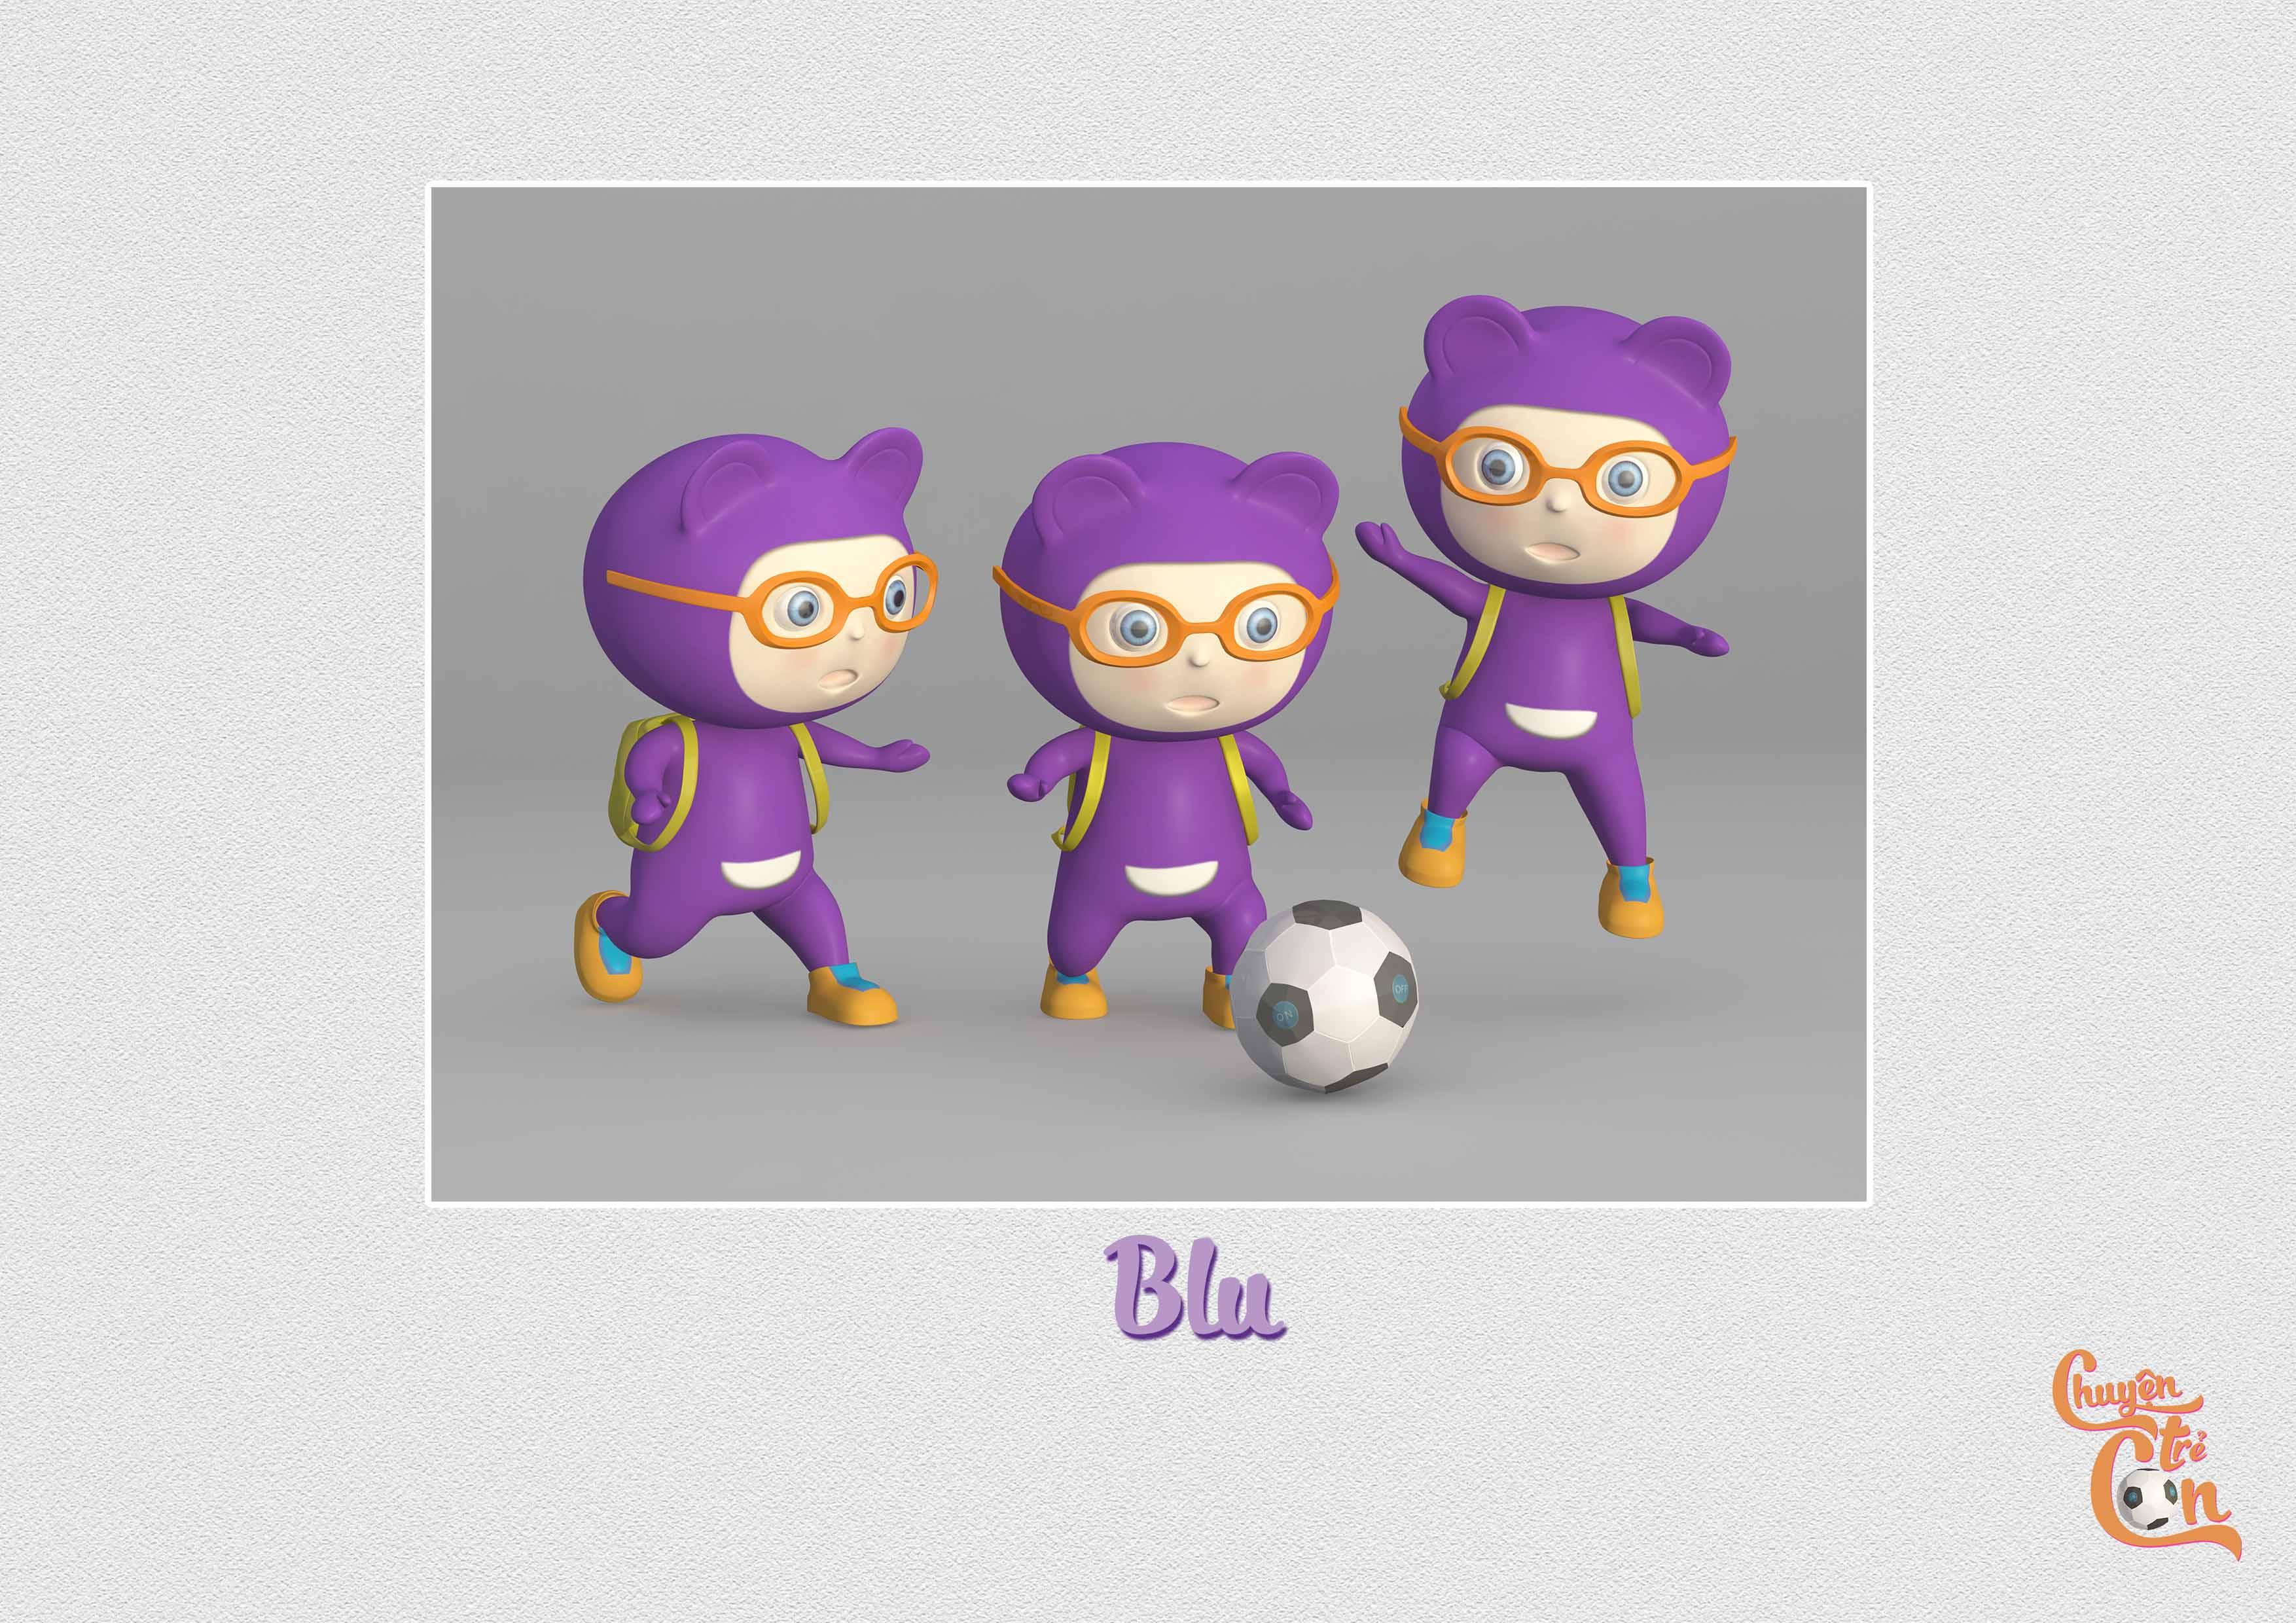 """Quy trình làm phim hoạt hình 3D qua bộ phim """"Chuyện trẻ con"""" Chuyen_tre_con_4-jpg"""